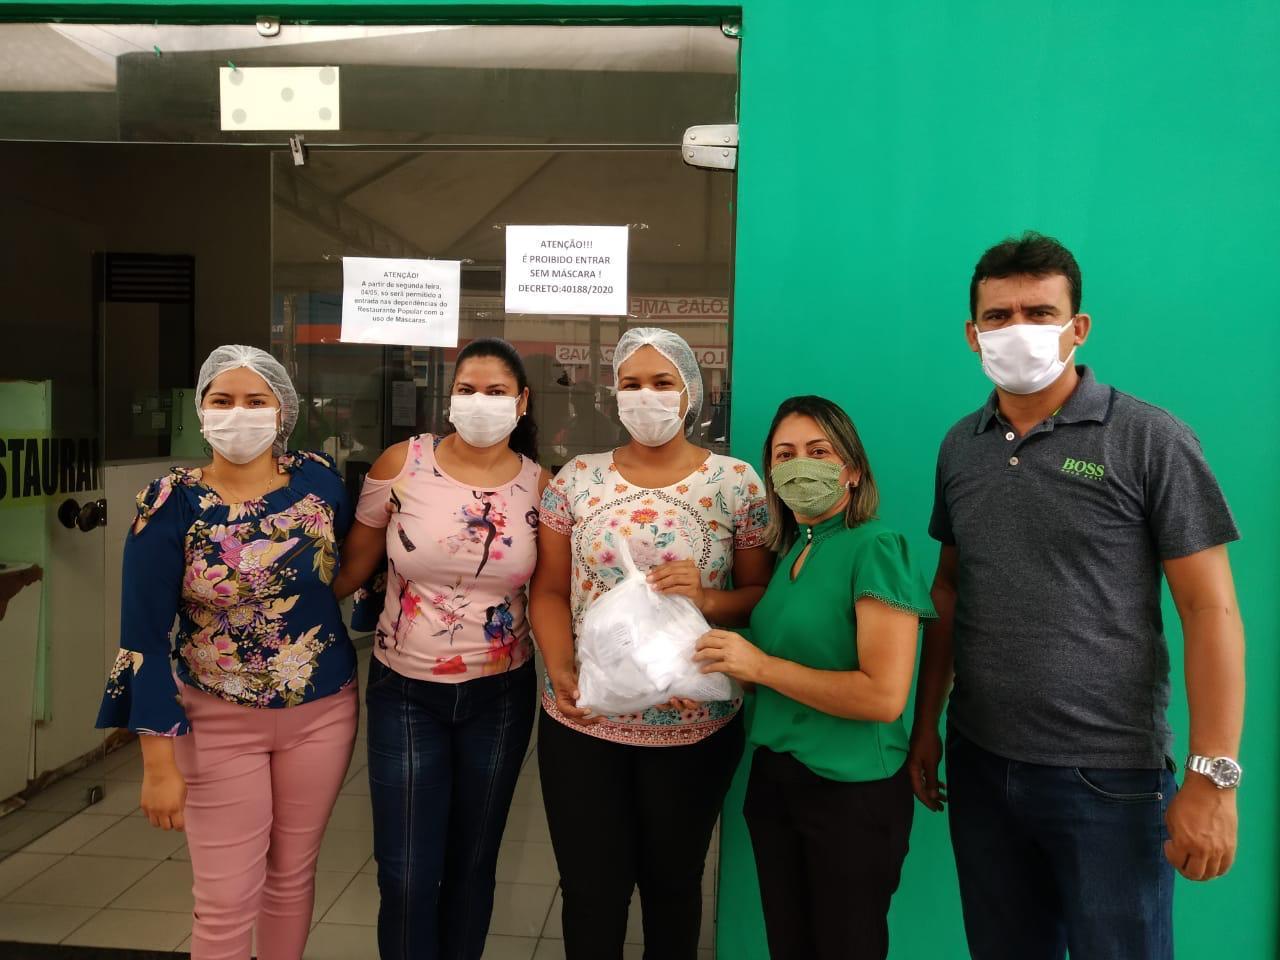 602c1546 a28d 4c59 ada5 759770a6f21f - Prefeitura de Bayeux garante segurança alimentar e distribui máscaras para população vulnerável no combate ao coronavírus